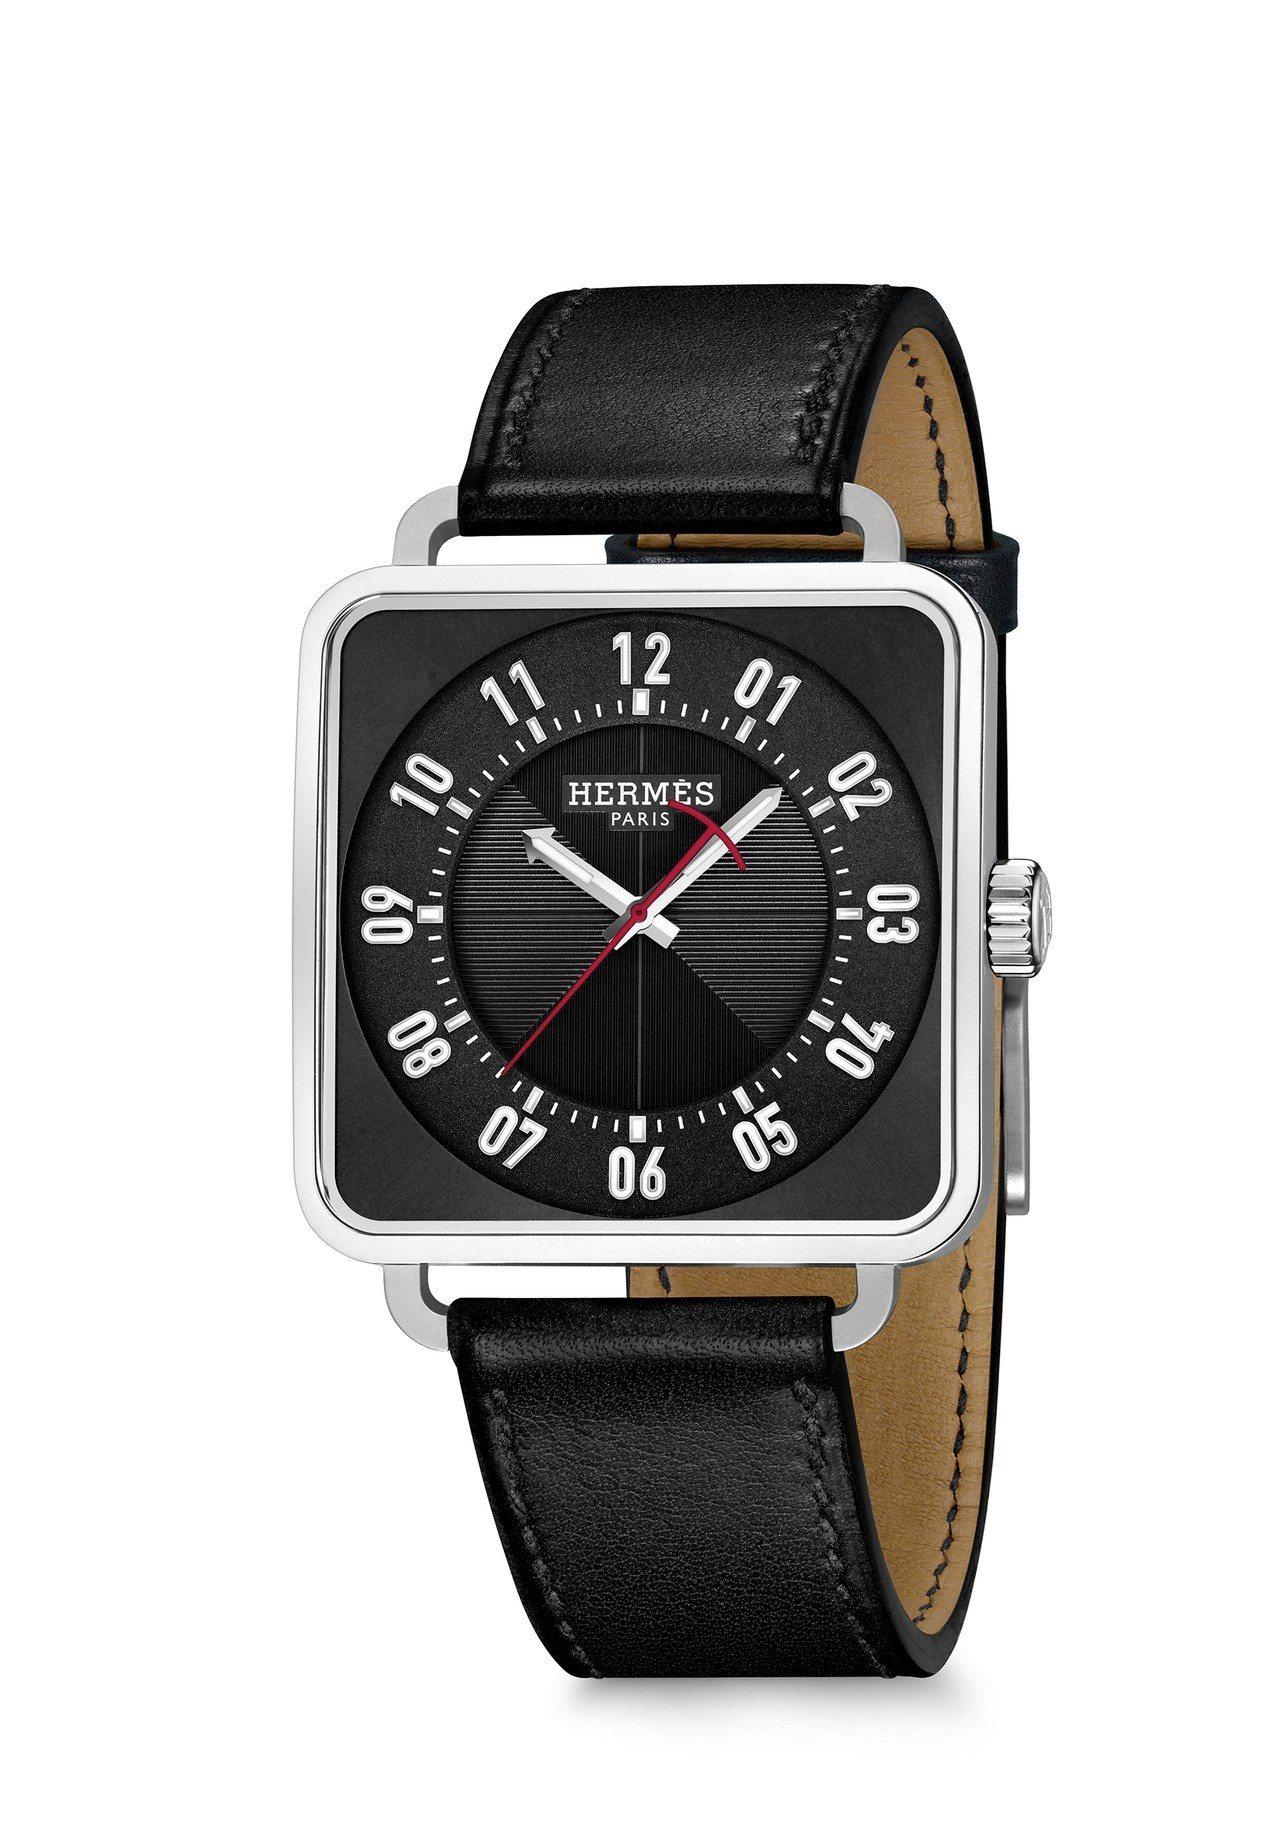 愛馬仕Carré H 精鋼自動上鍊腕表黑色款,25萬6,500元。圖/愛馬仕提供